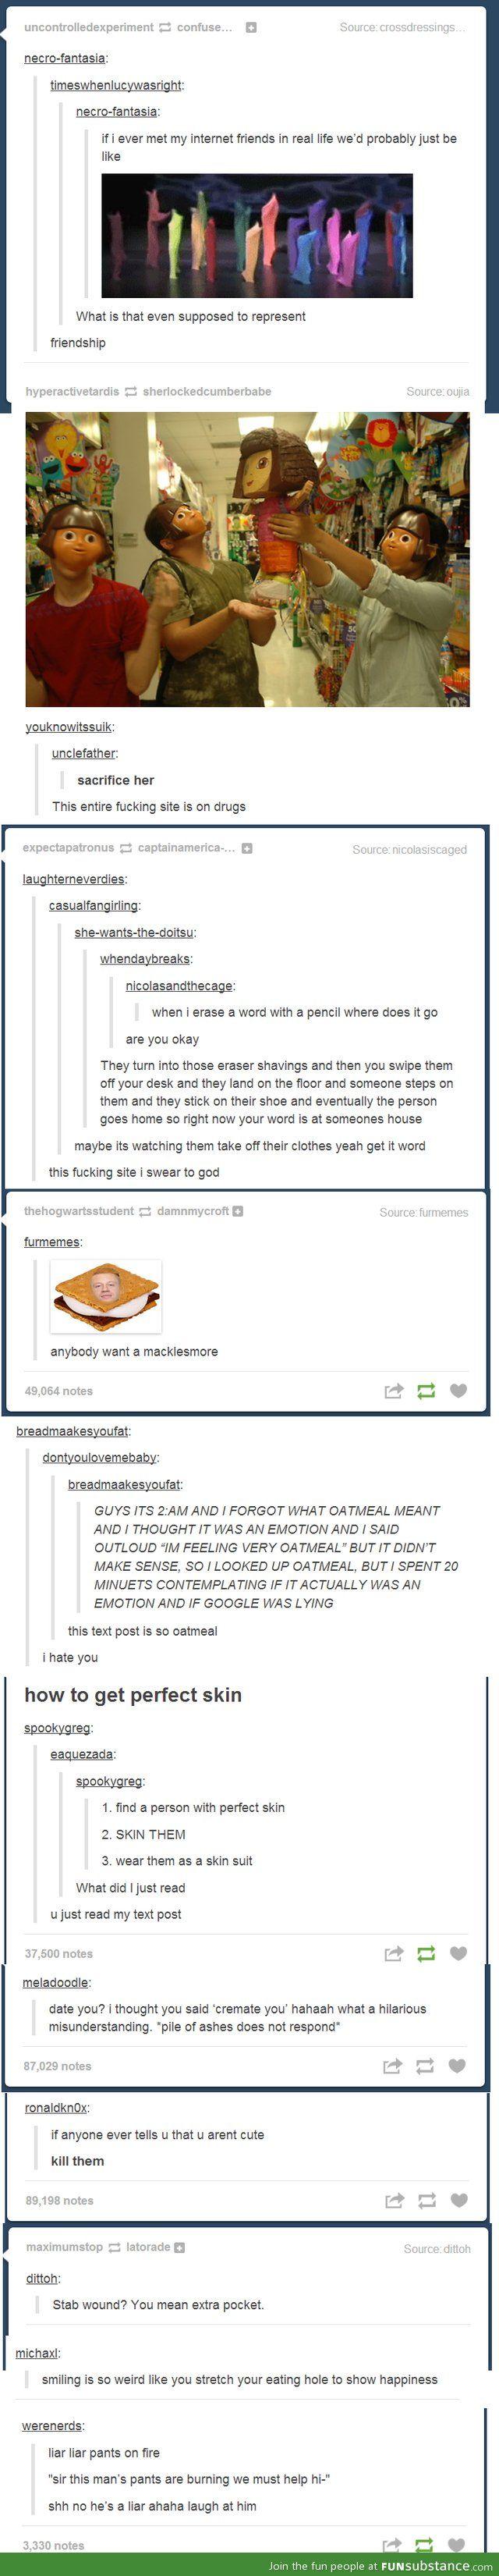 Tumblr is on drugs -